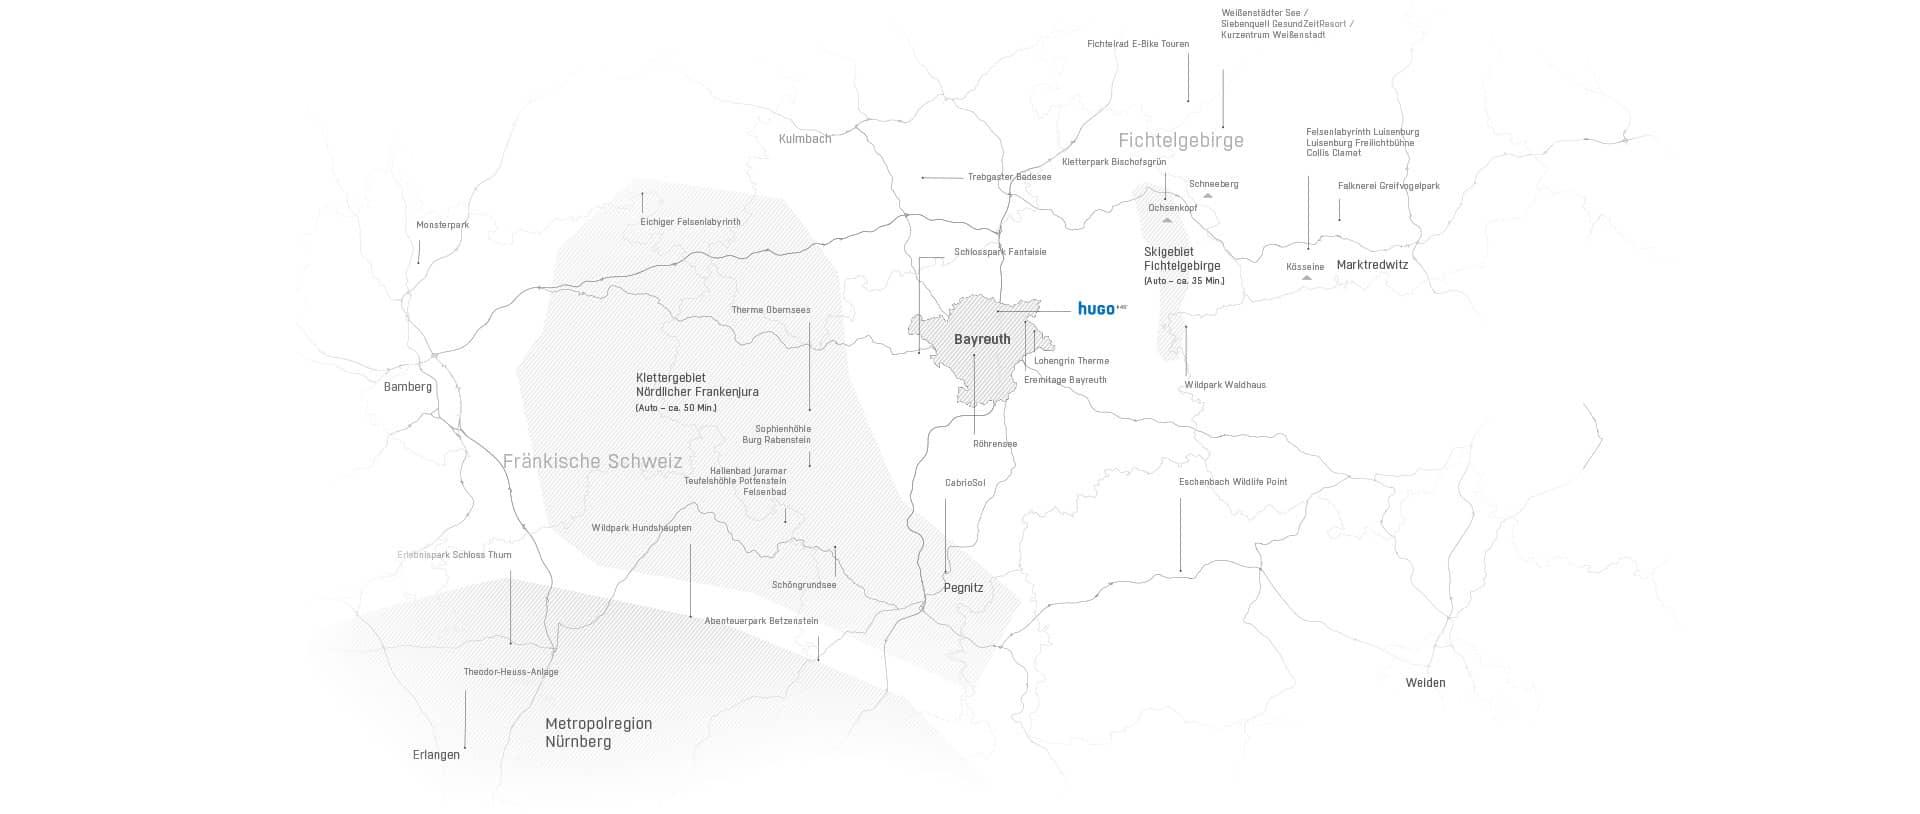 hugo49 | Immobilien in Bayreuth | Metropolregion Nürnberg | gute Lage und Infrastruktur